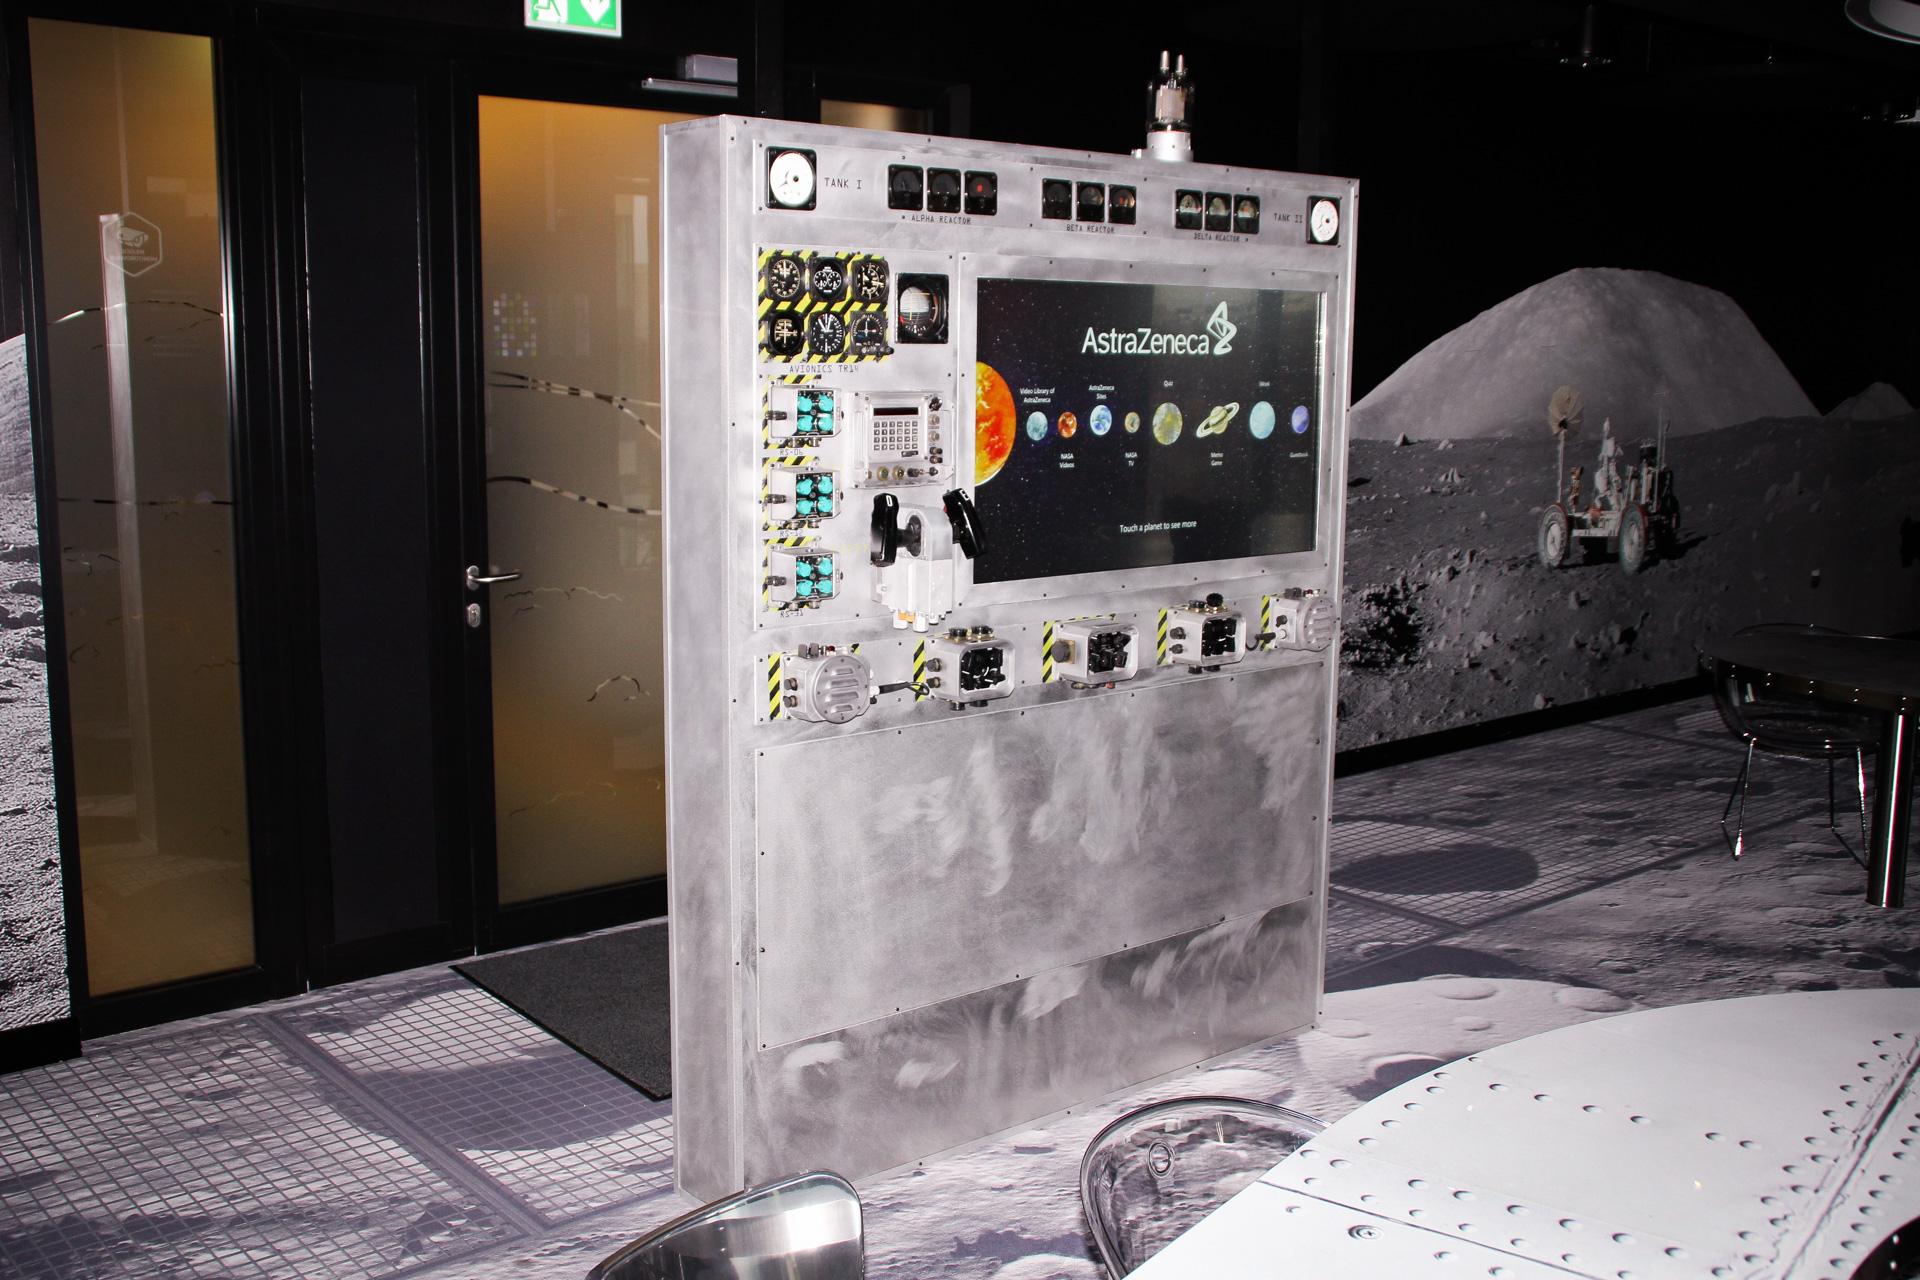 Panel sterujący w kosmicznej przestrzeni biura #AstraZeneca